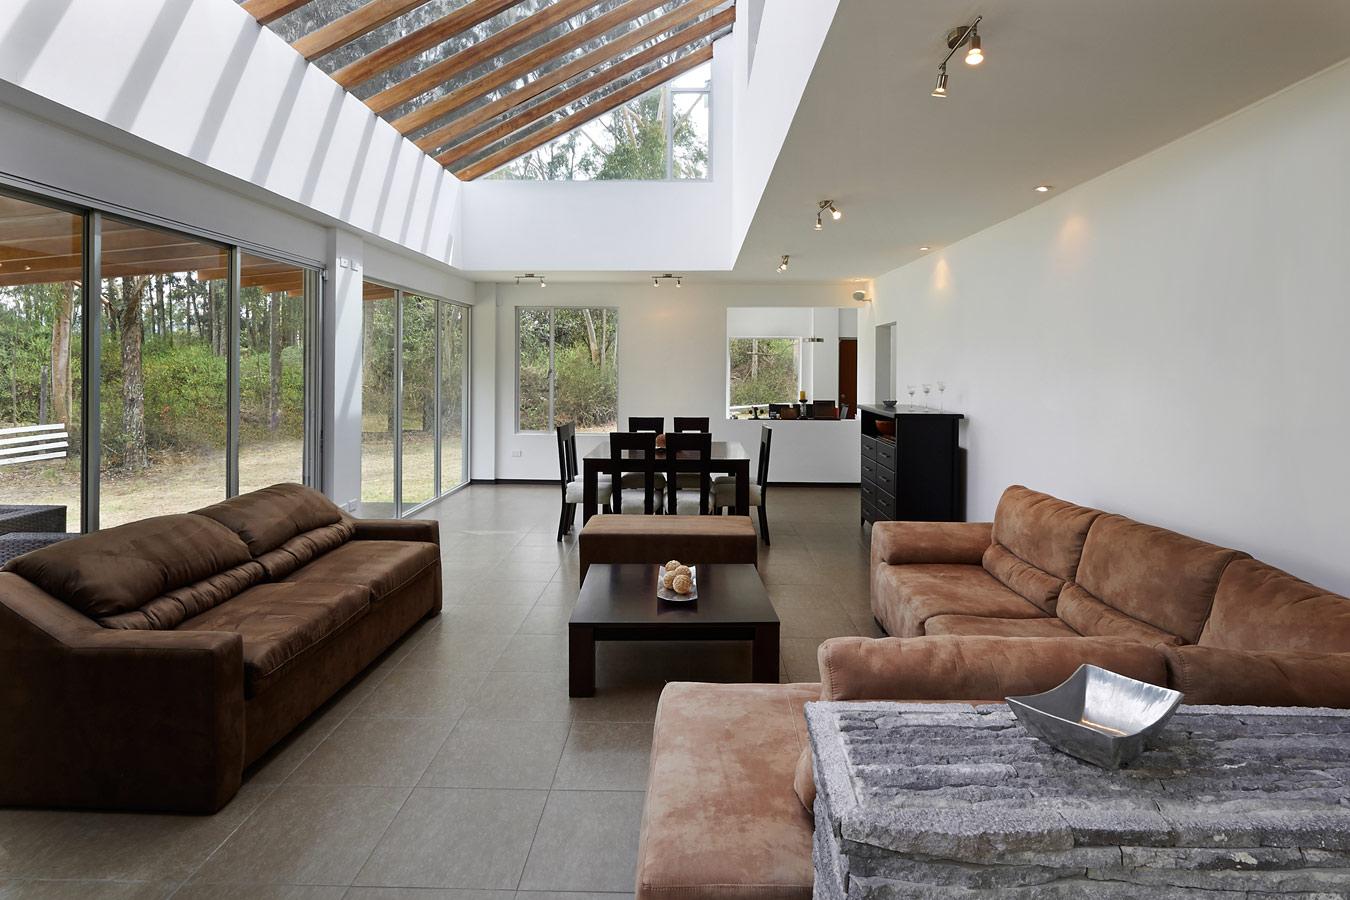 Aanbouw aan huis tips inspiratie for Huis interieur tips